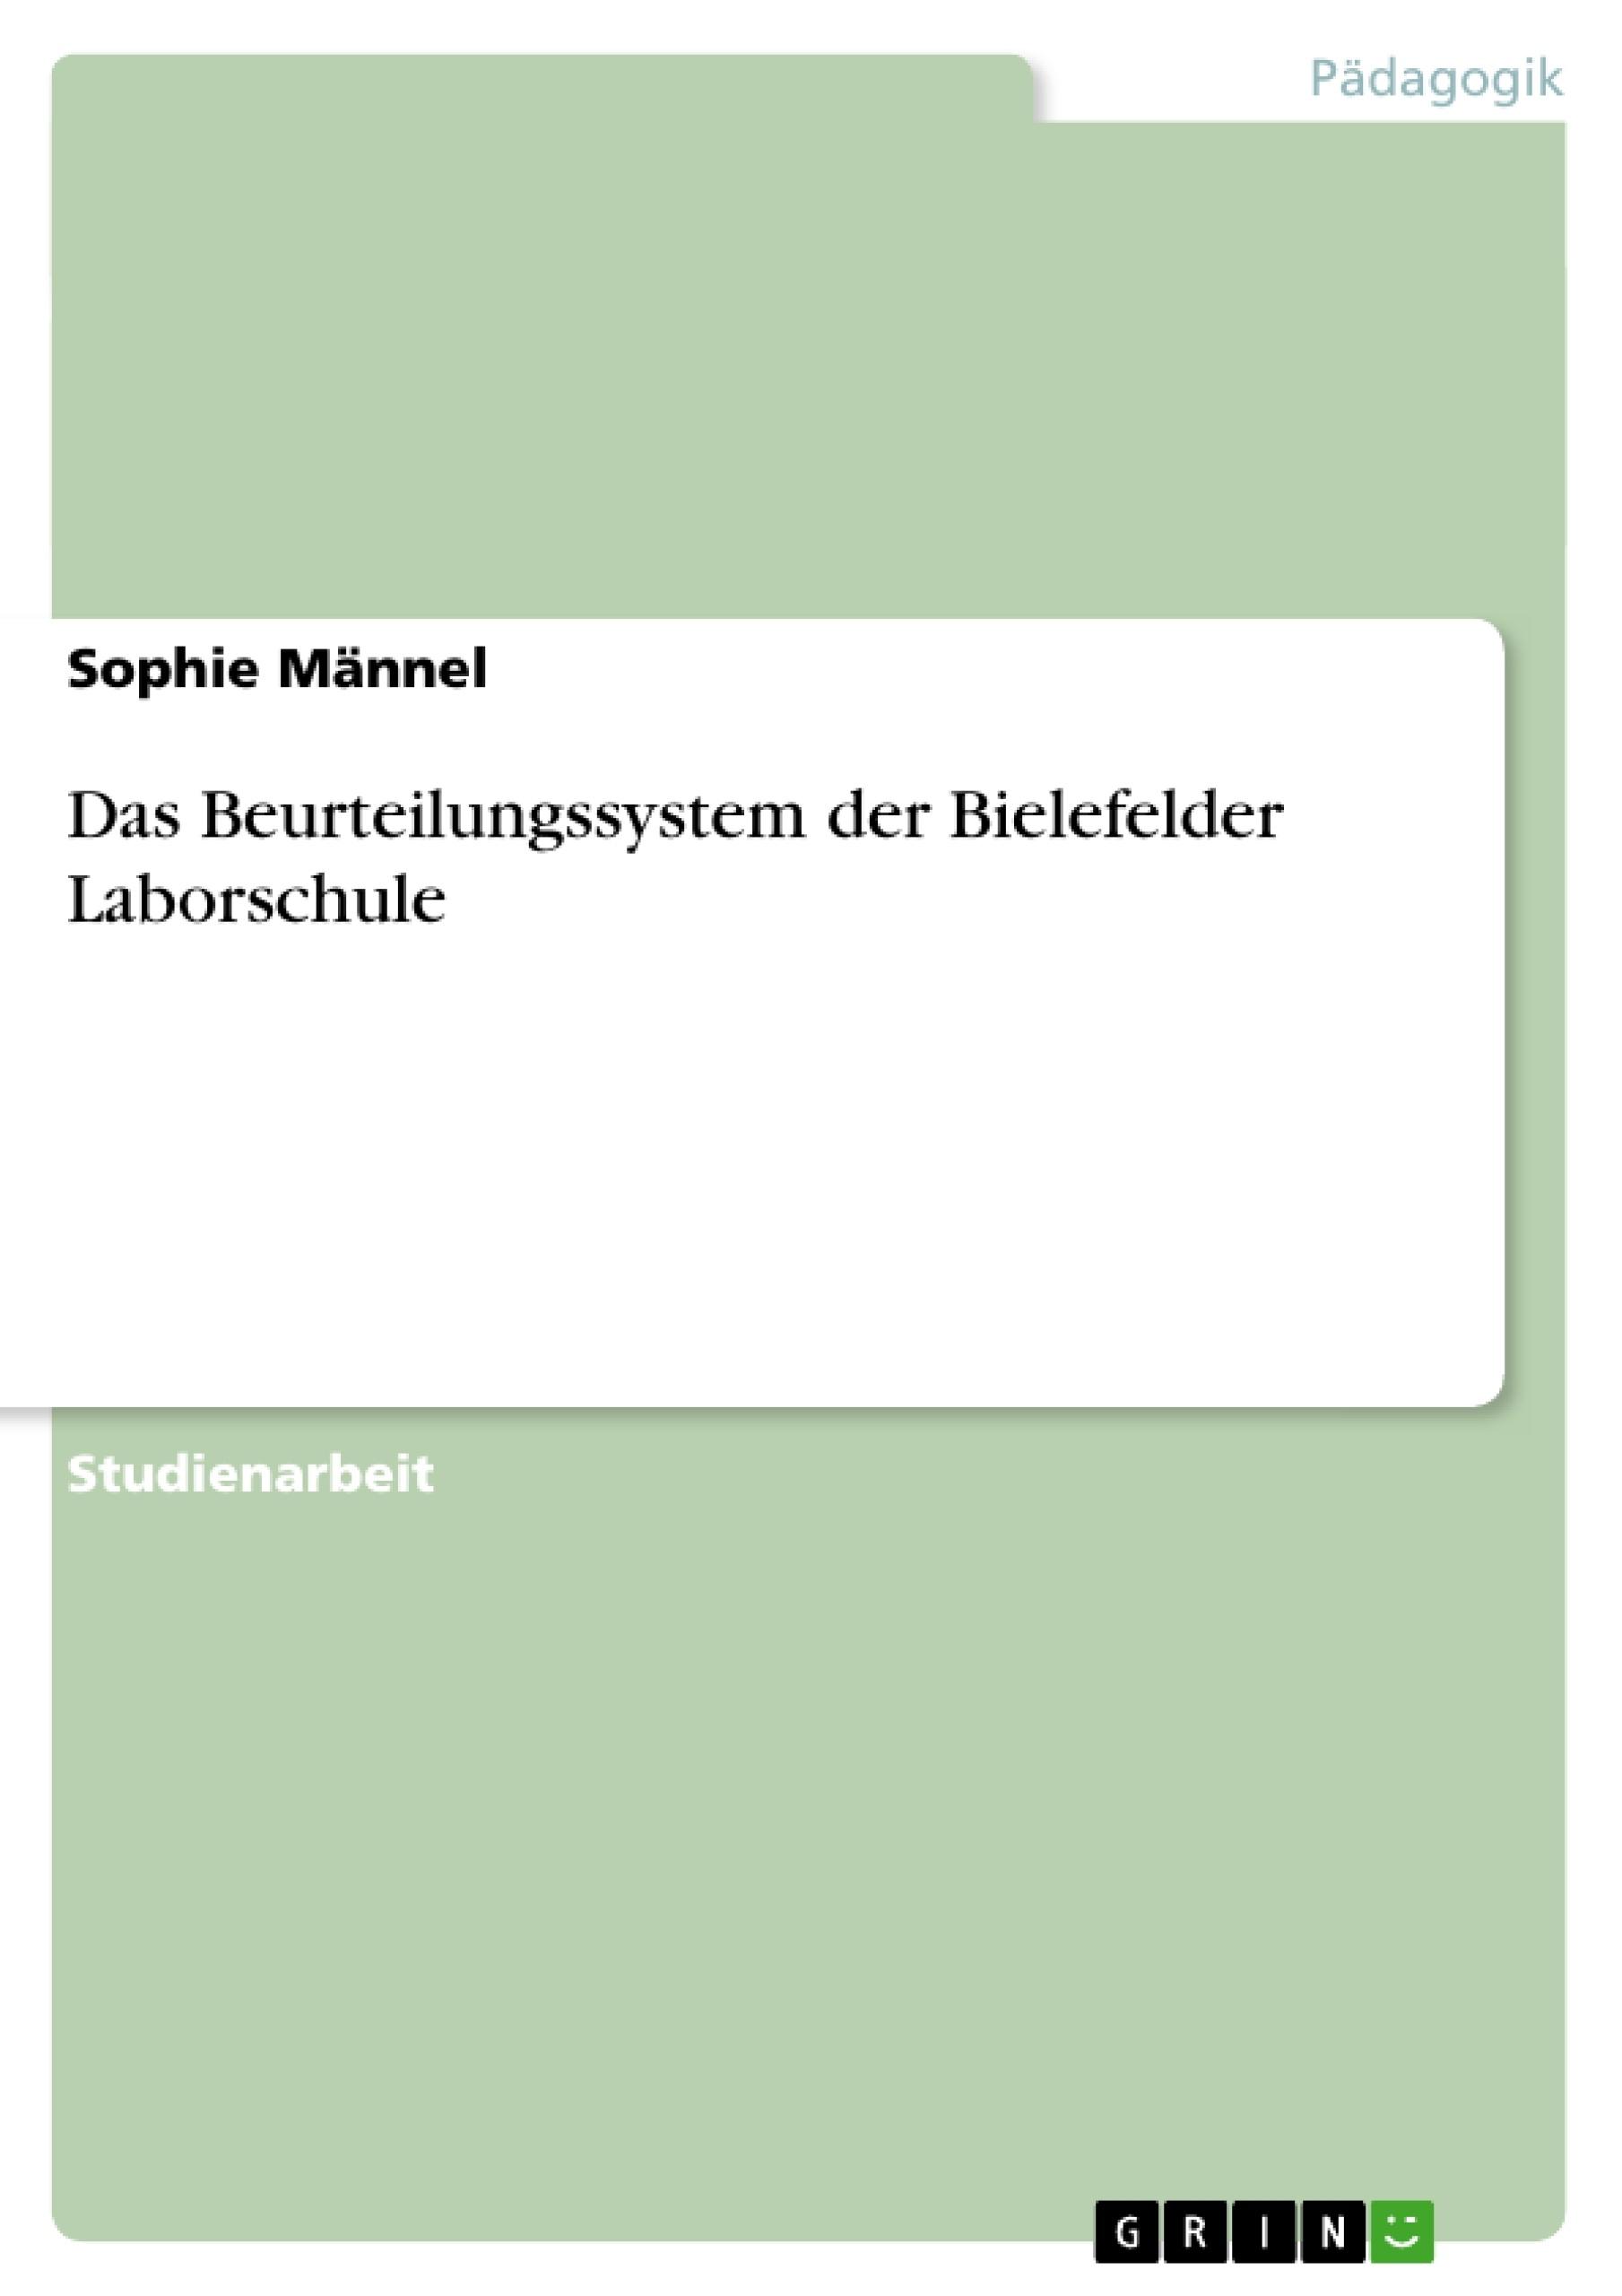 Titel: Das Beurteilungssystem der Bielefelder Laborschule